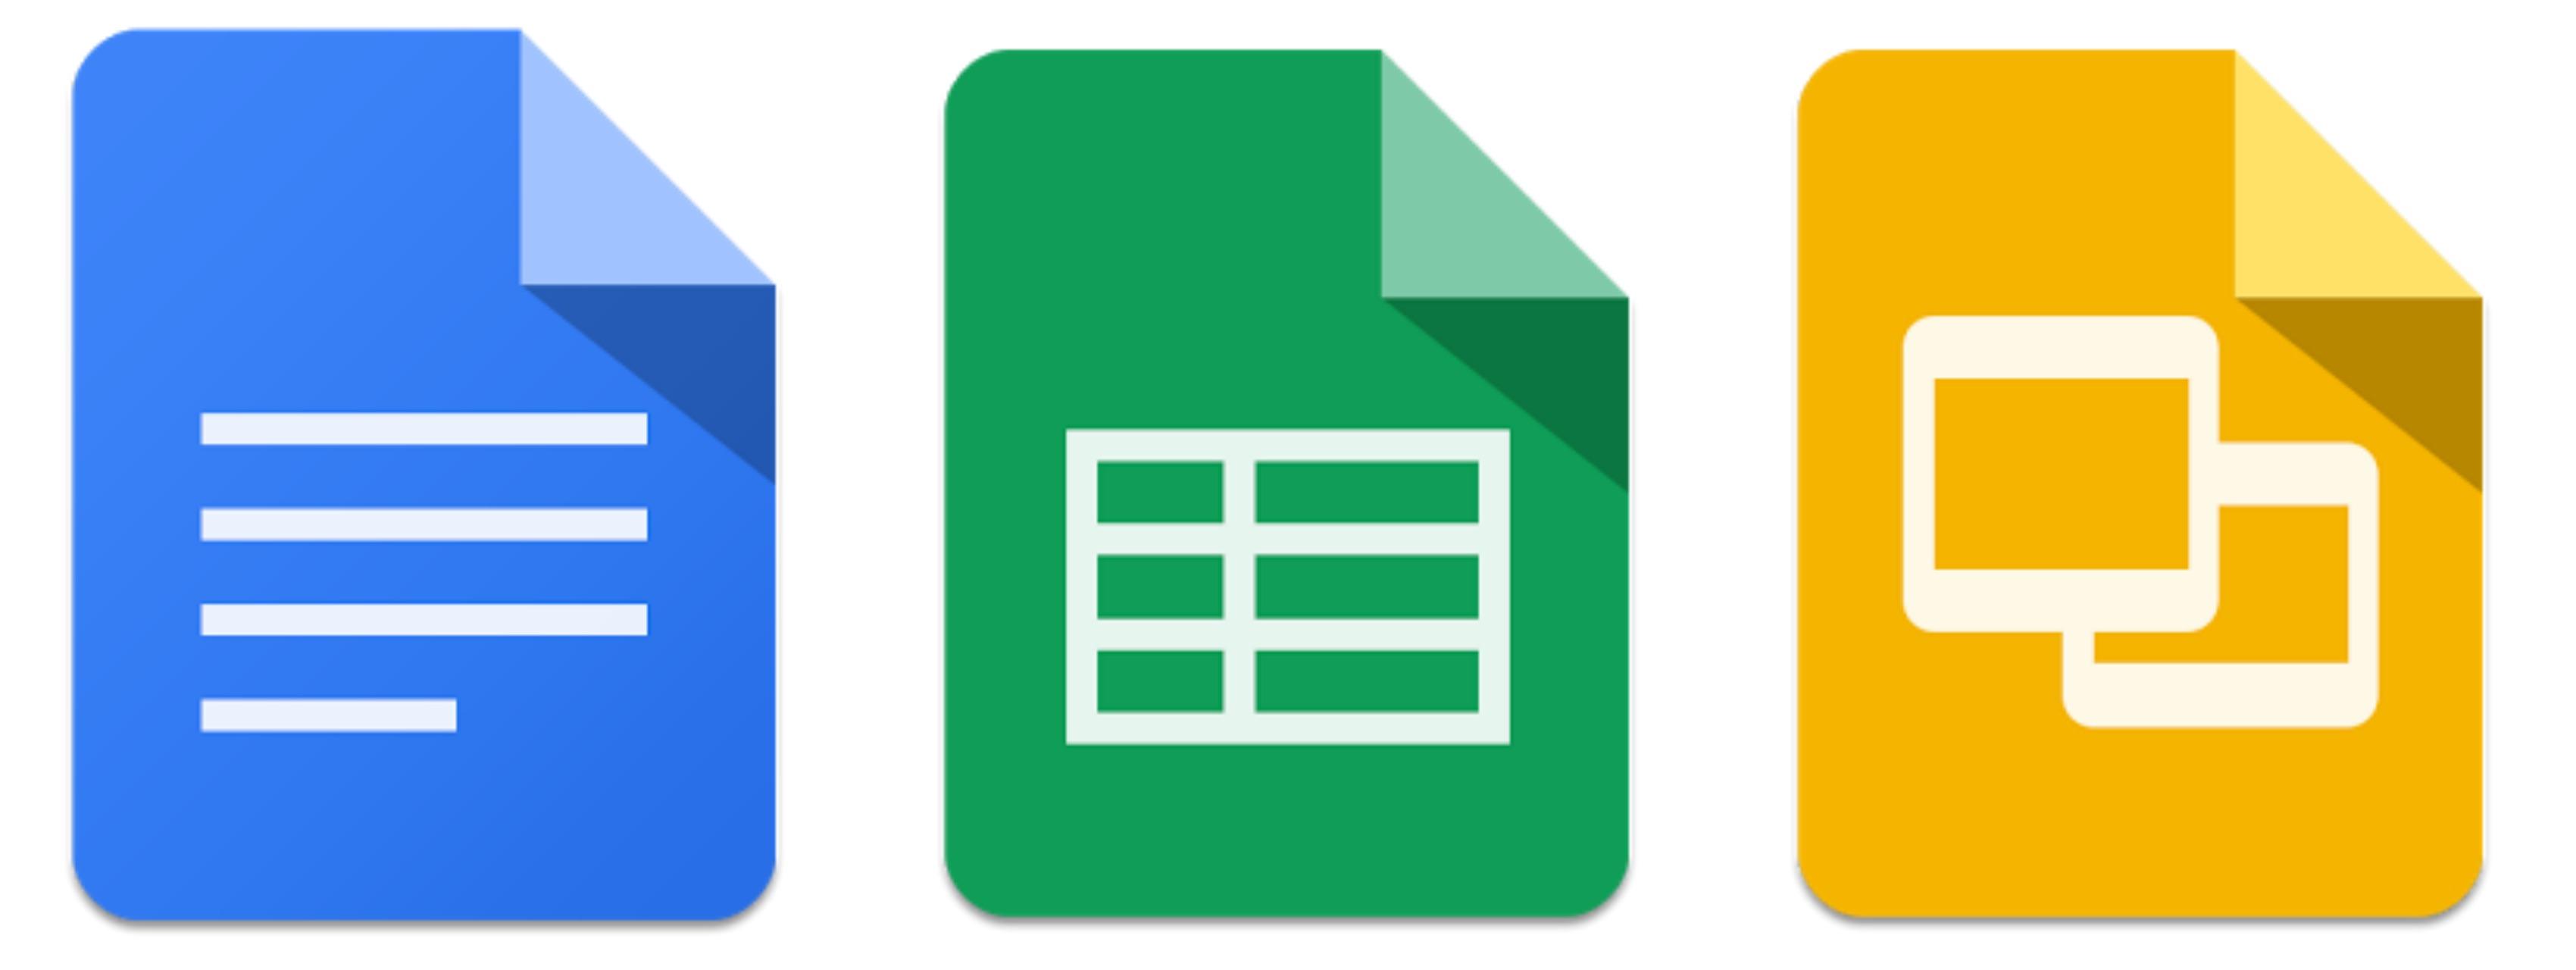 открыть гугл документ